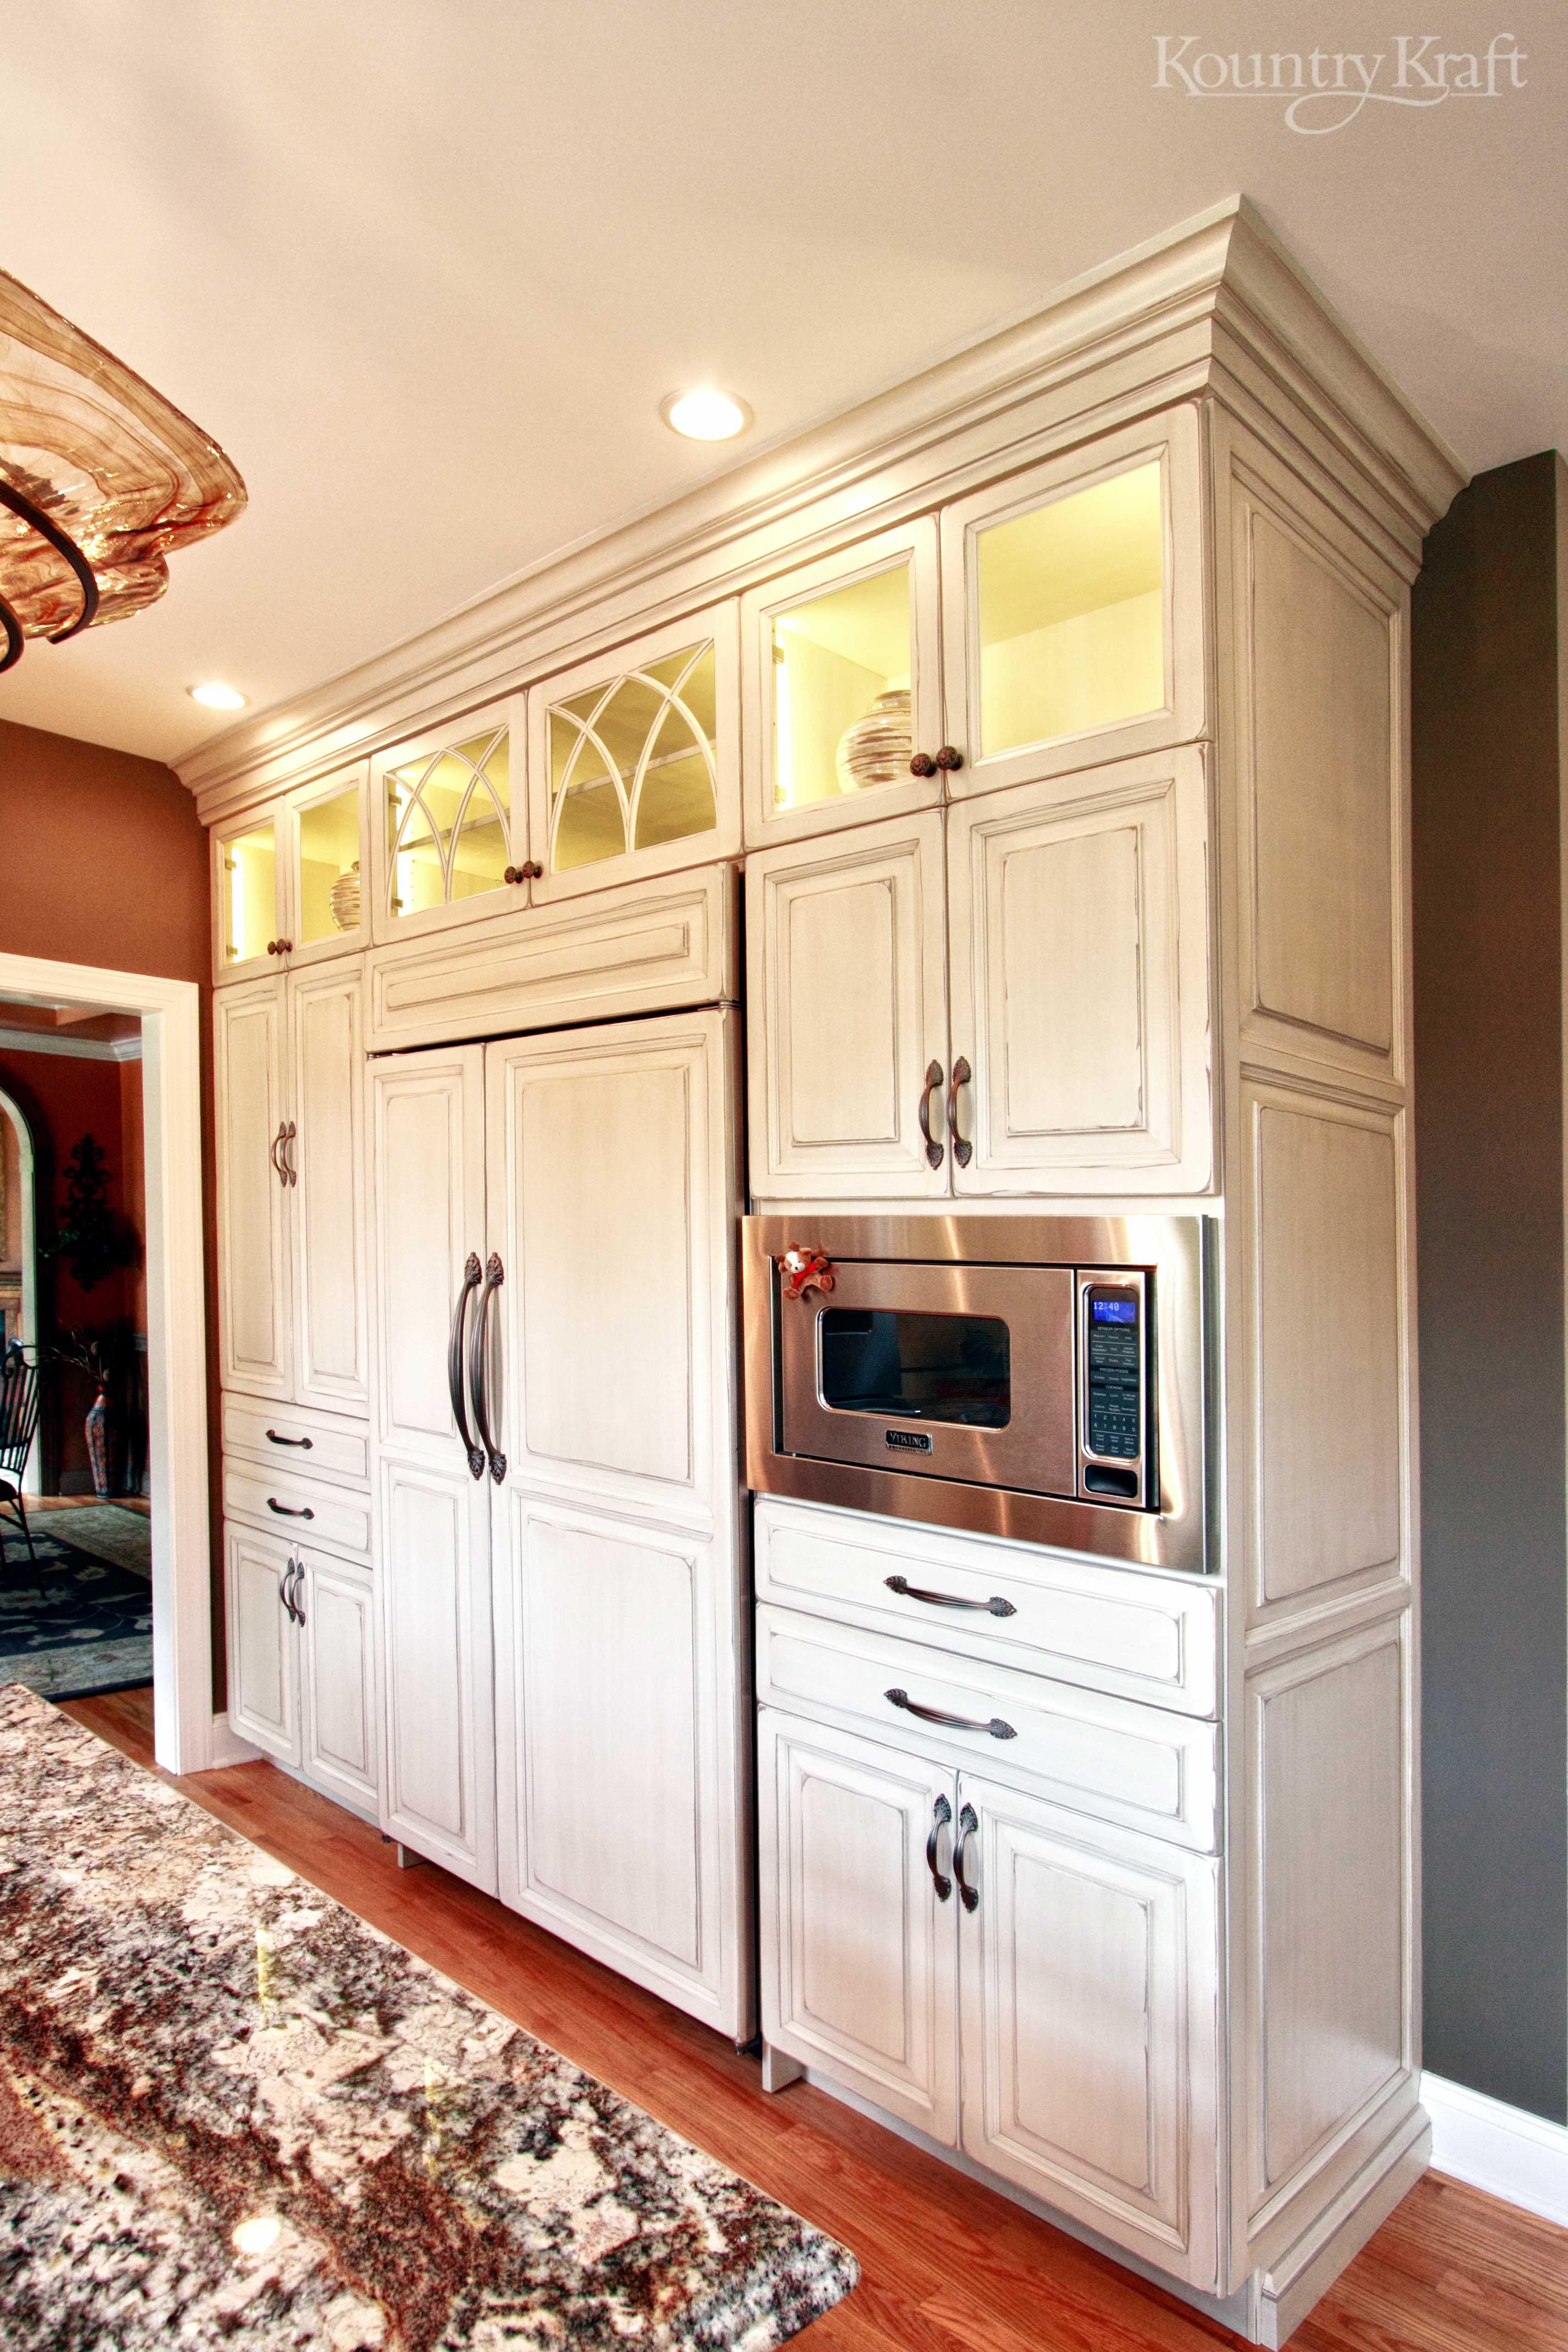 Maßgearbeitete Küchenschränke, Badschränke, Kundenspezifische Gehäuse,  Individuelle Küchen, Luxus Kleiderschrank, Schrank Design, Küchen Styling